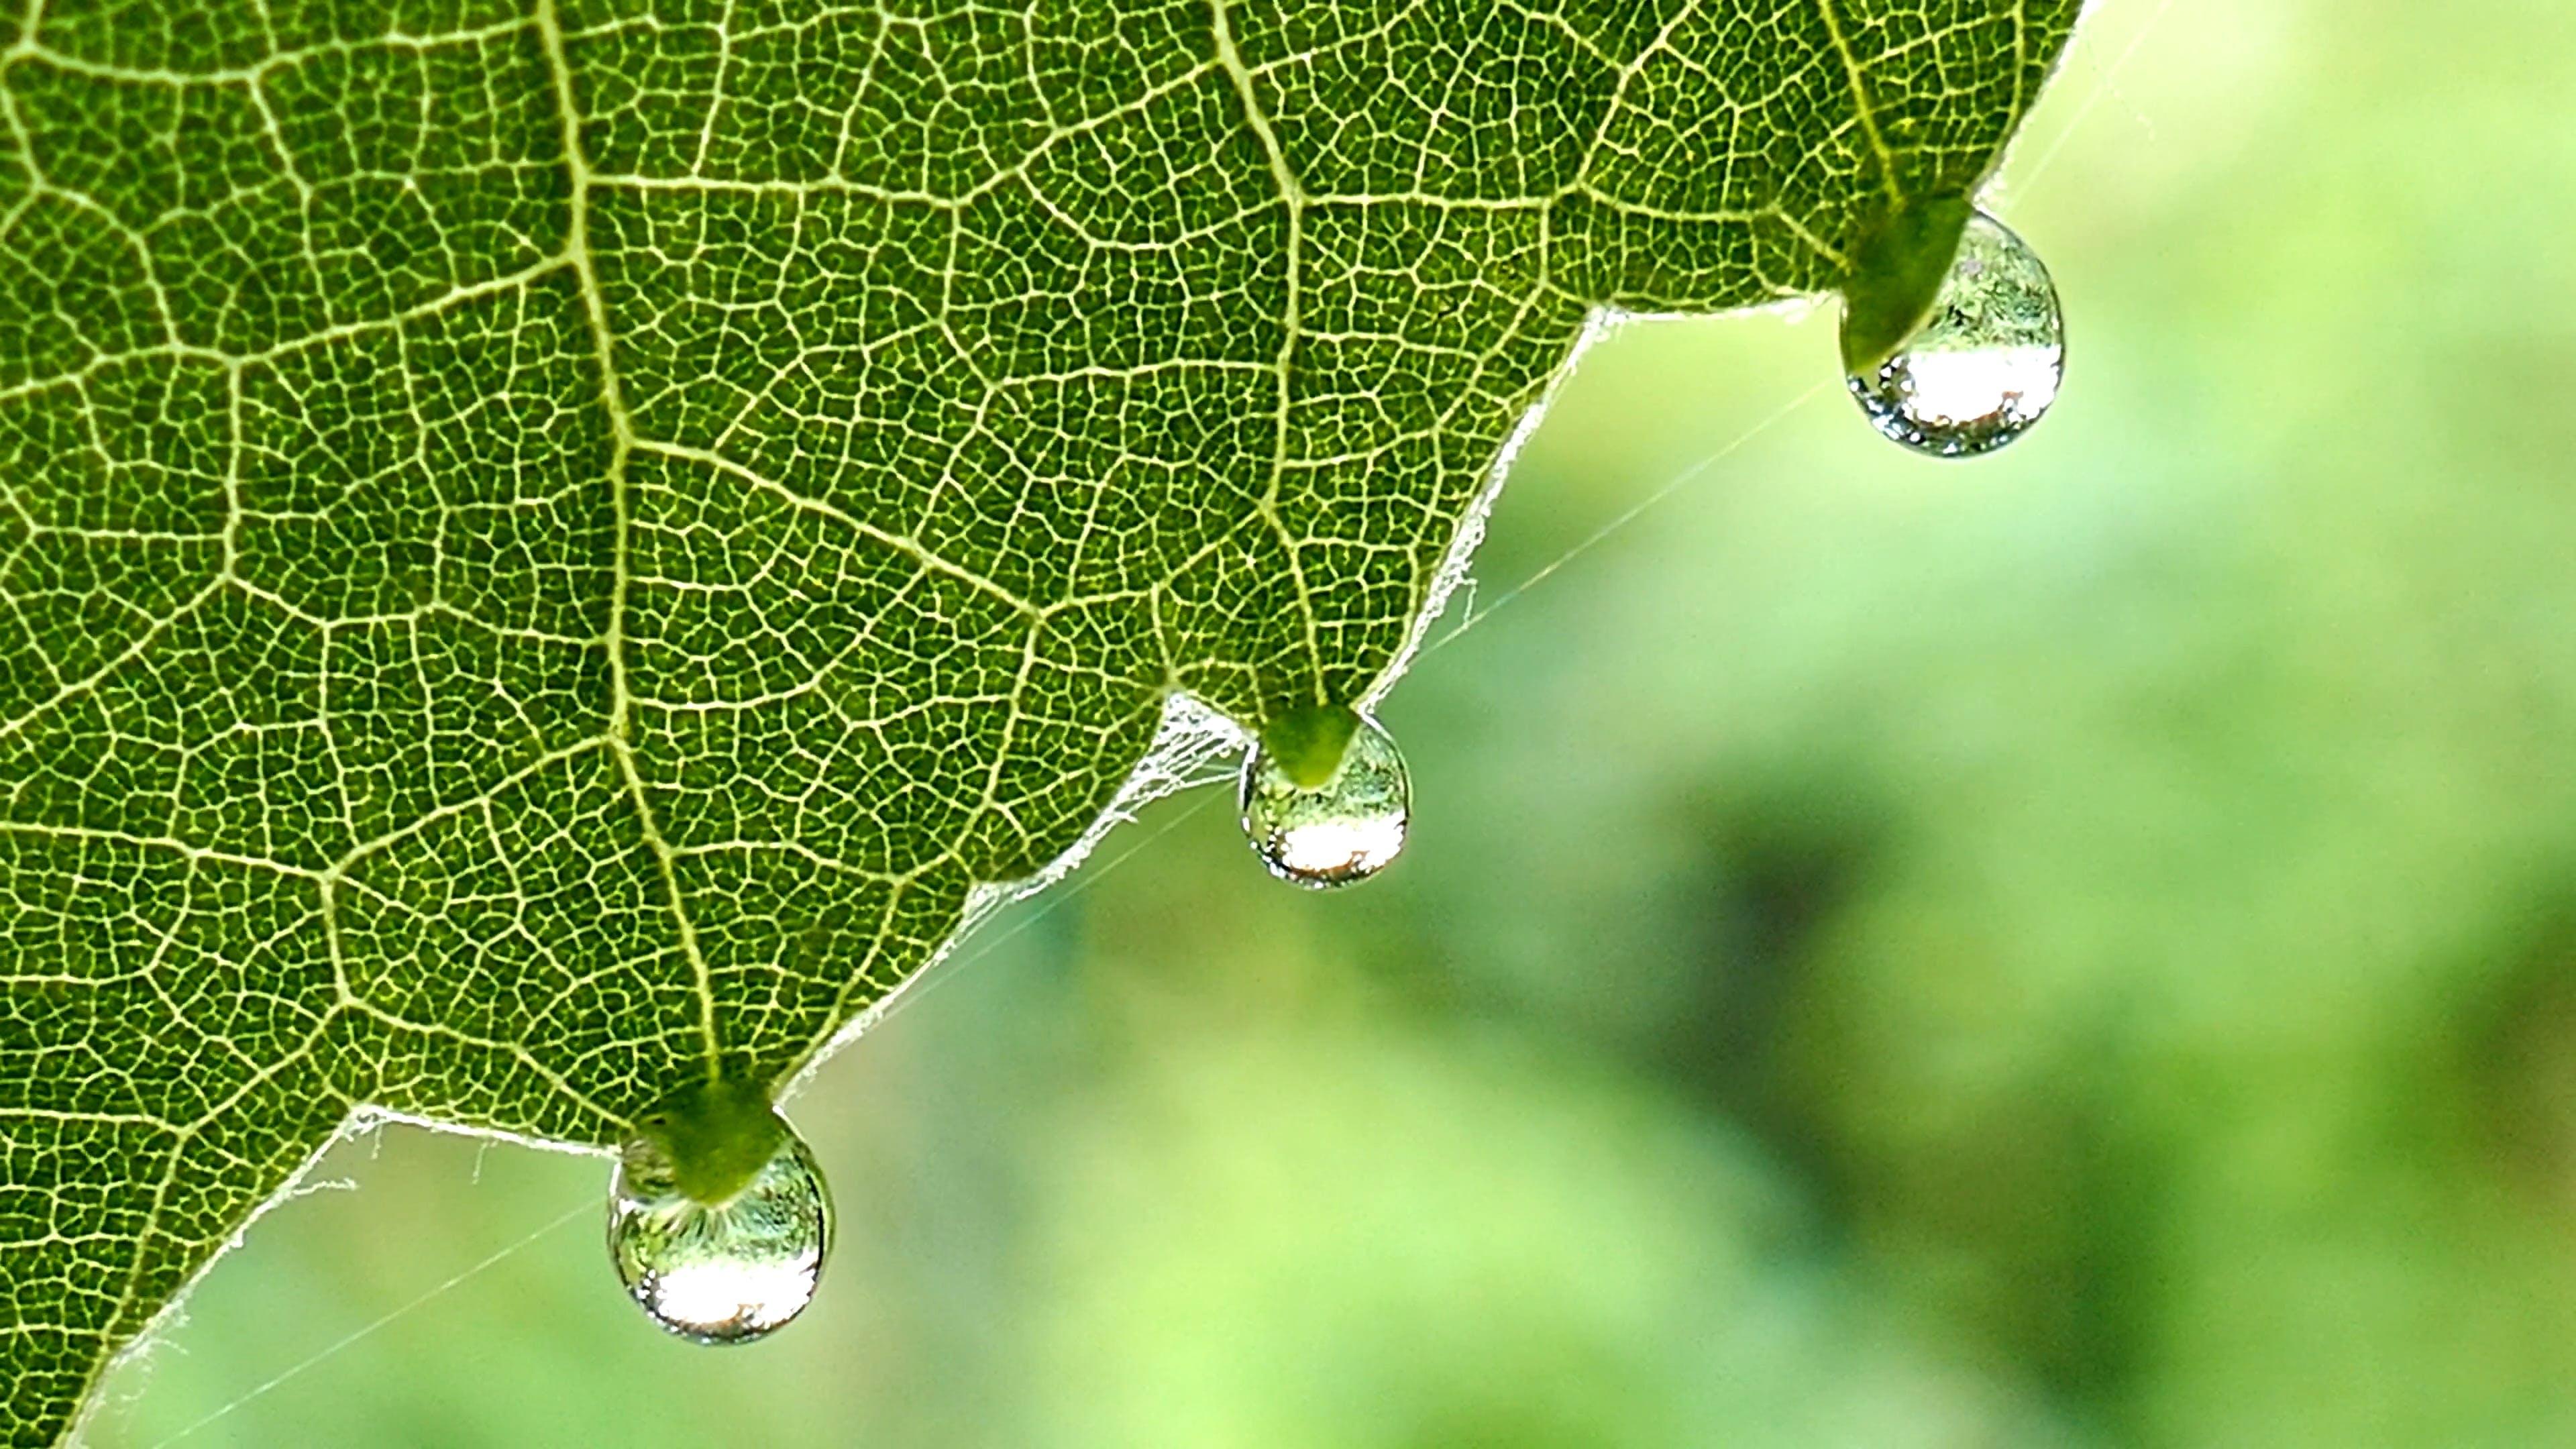 Close-Up Shot Of Leaf